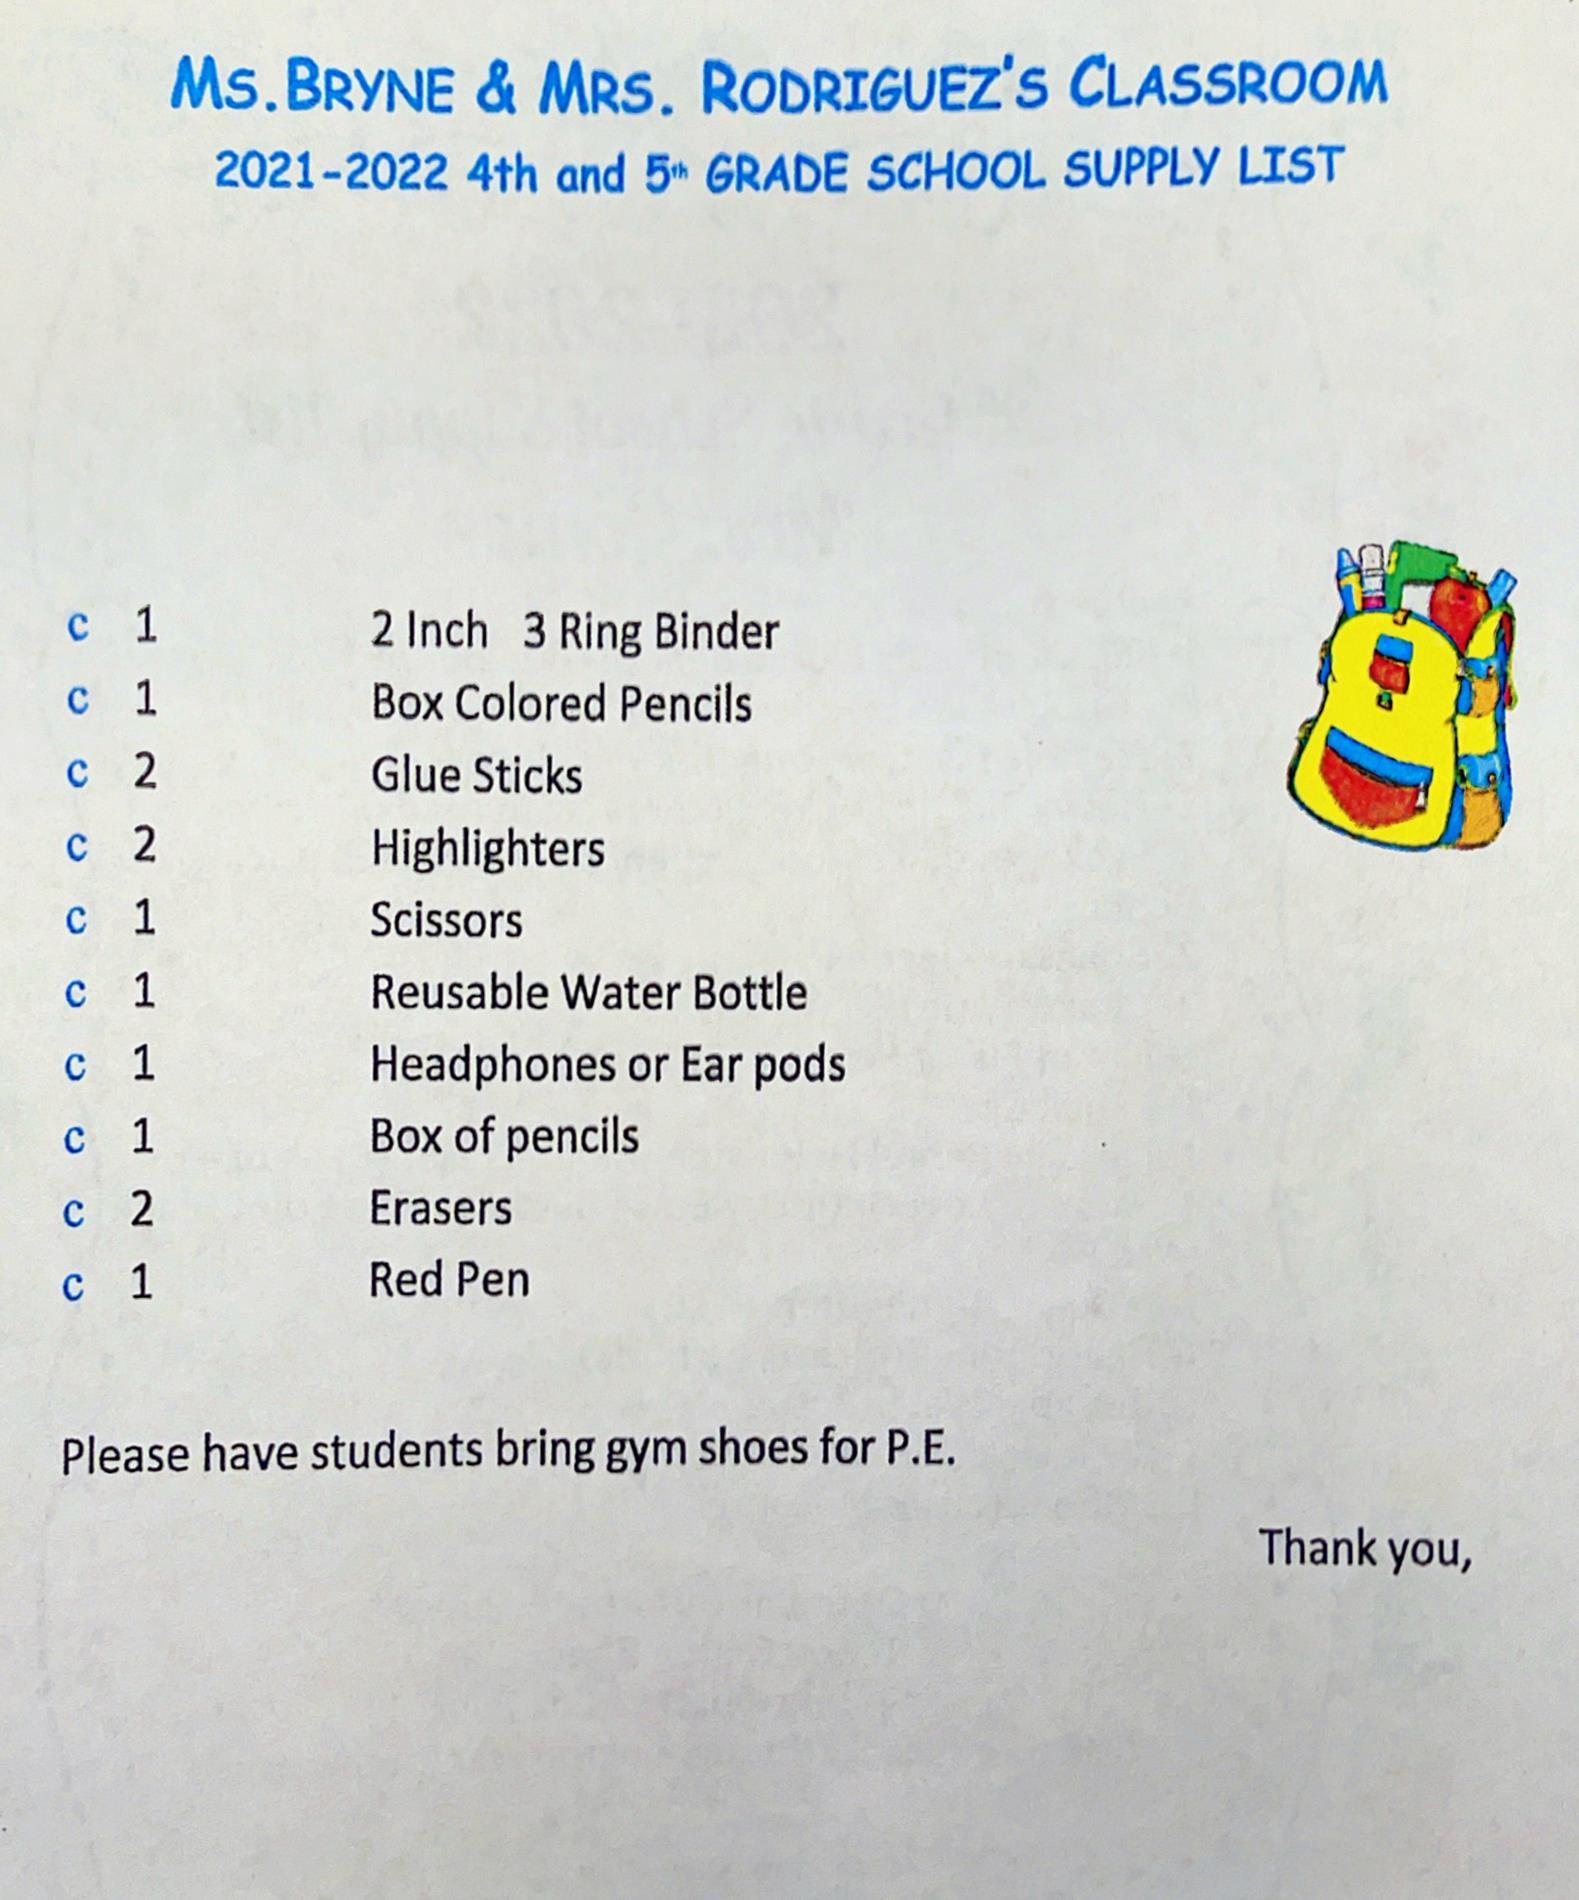 Fourth & Fifth Grade List